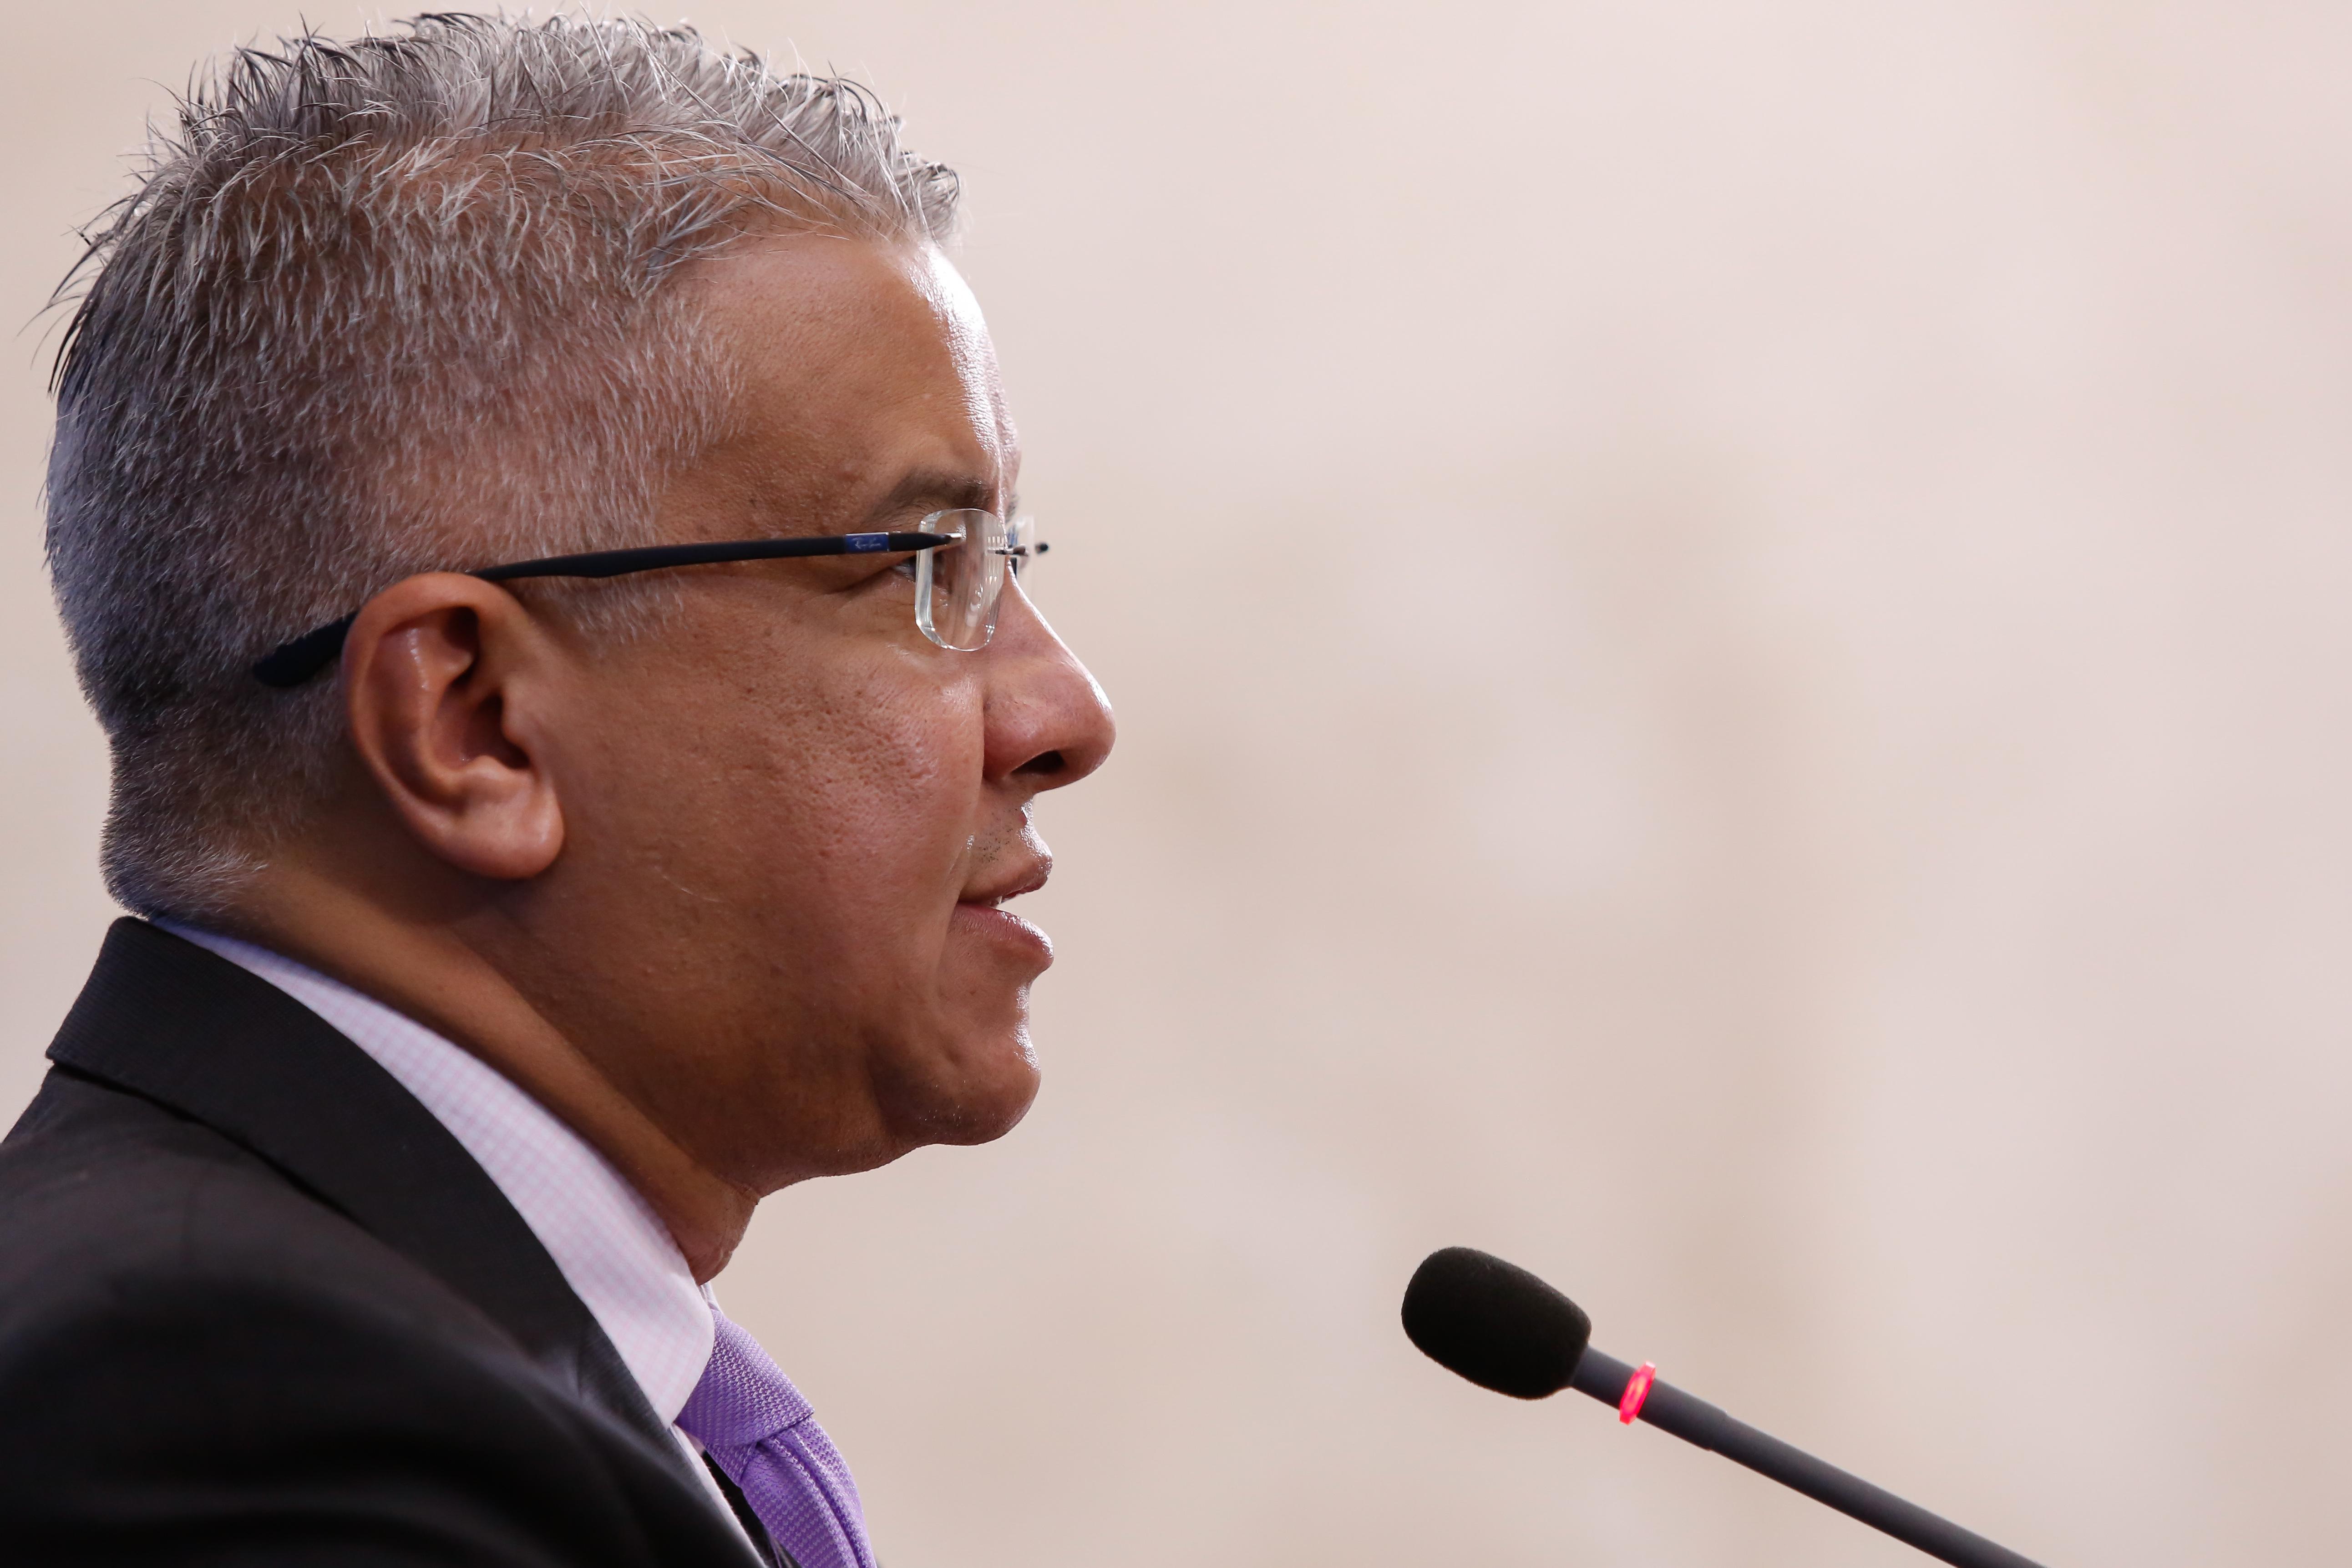 IMAGEM: Coronavac é a vacina que mais previne mortes, diz ex-secretário